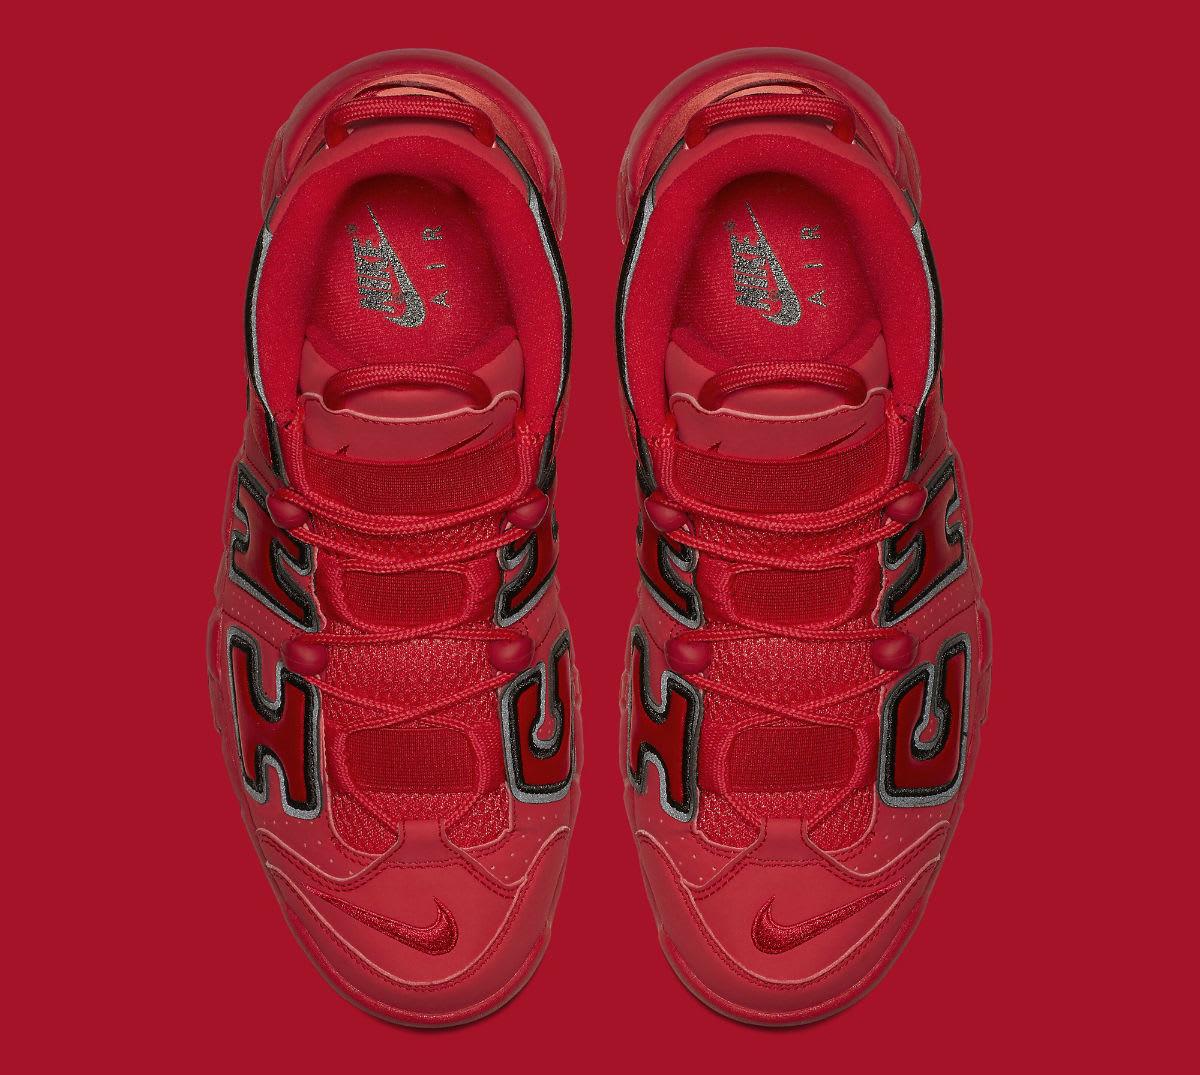 Nike Uptempo Qs Chicago